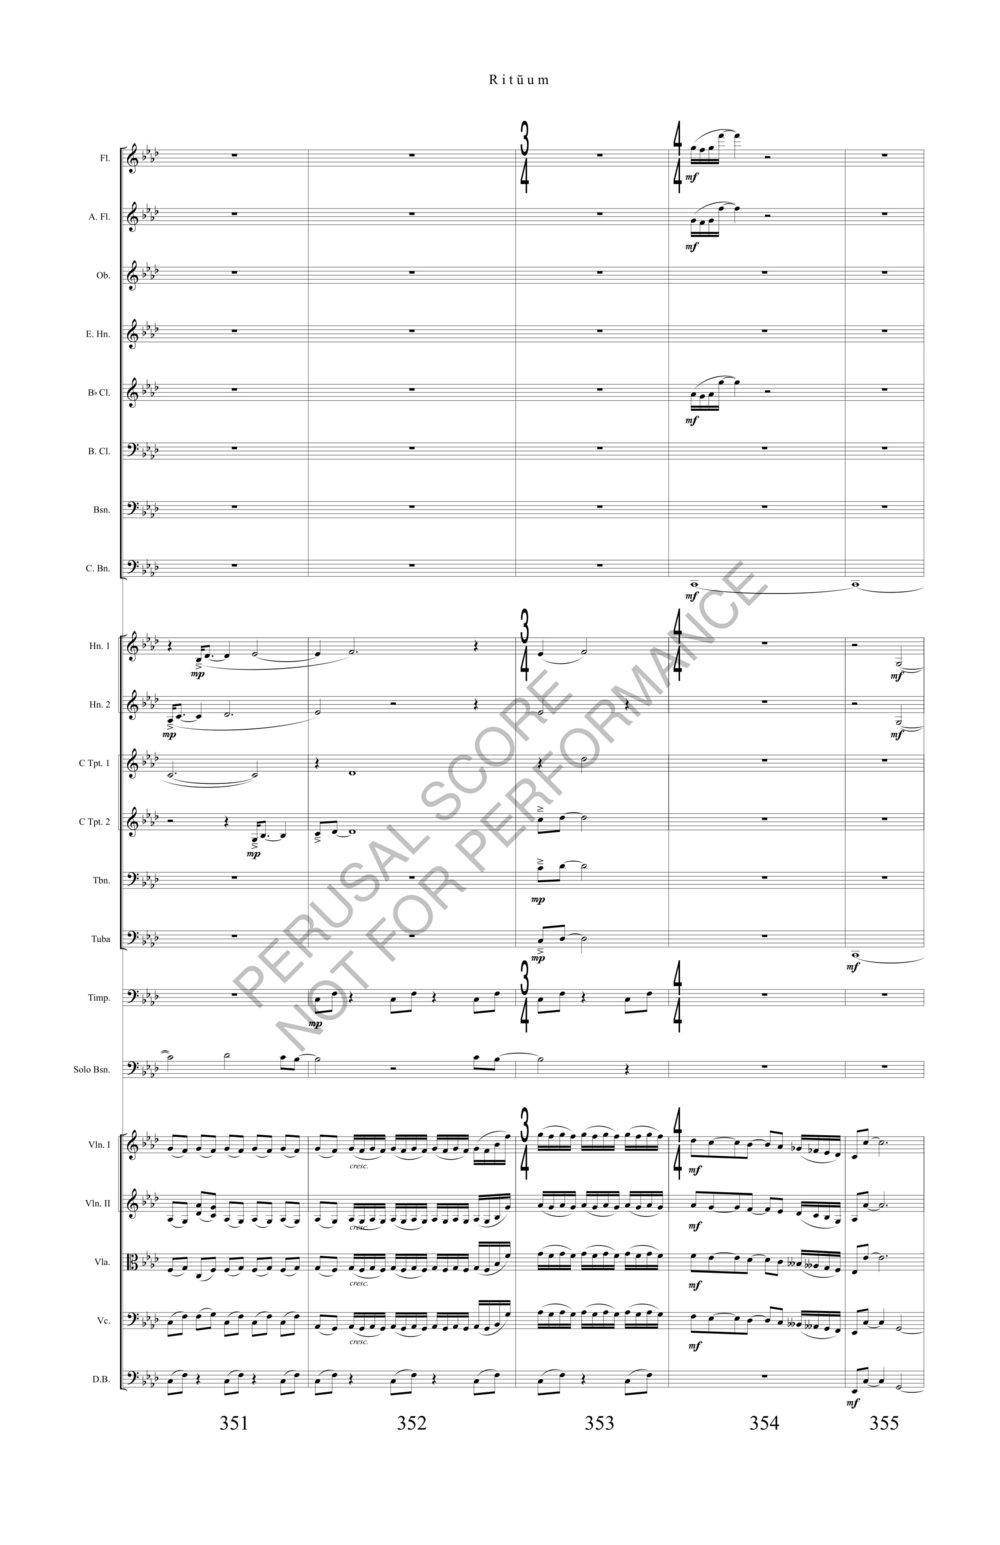 Boyd Rituum Score-watermark (1)-79.jpg